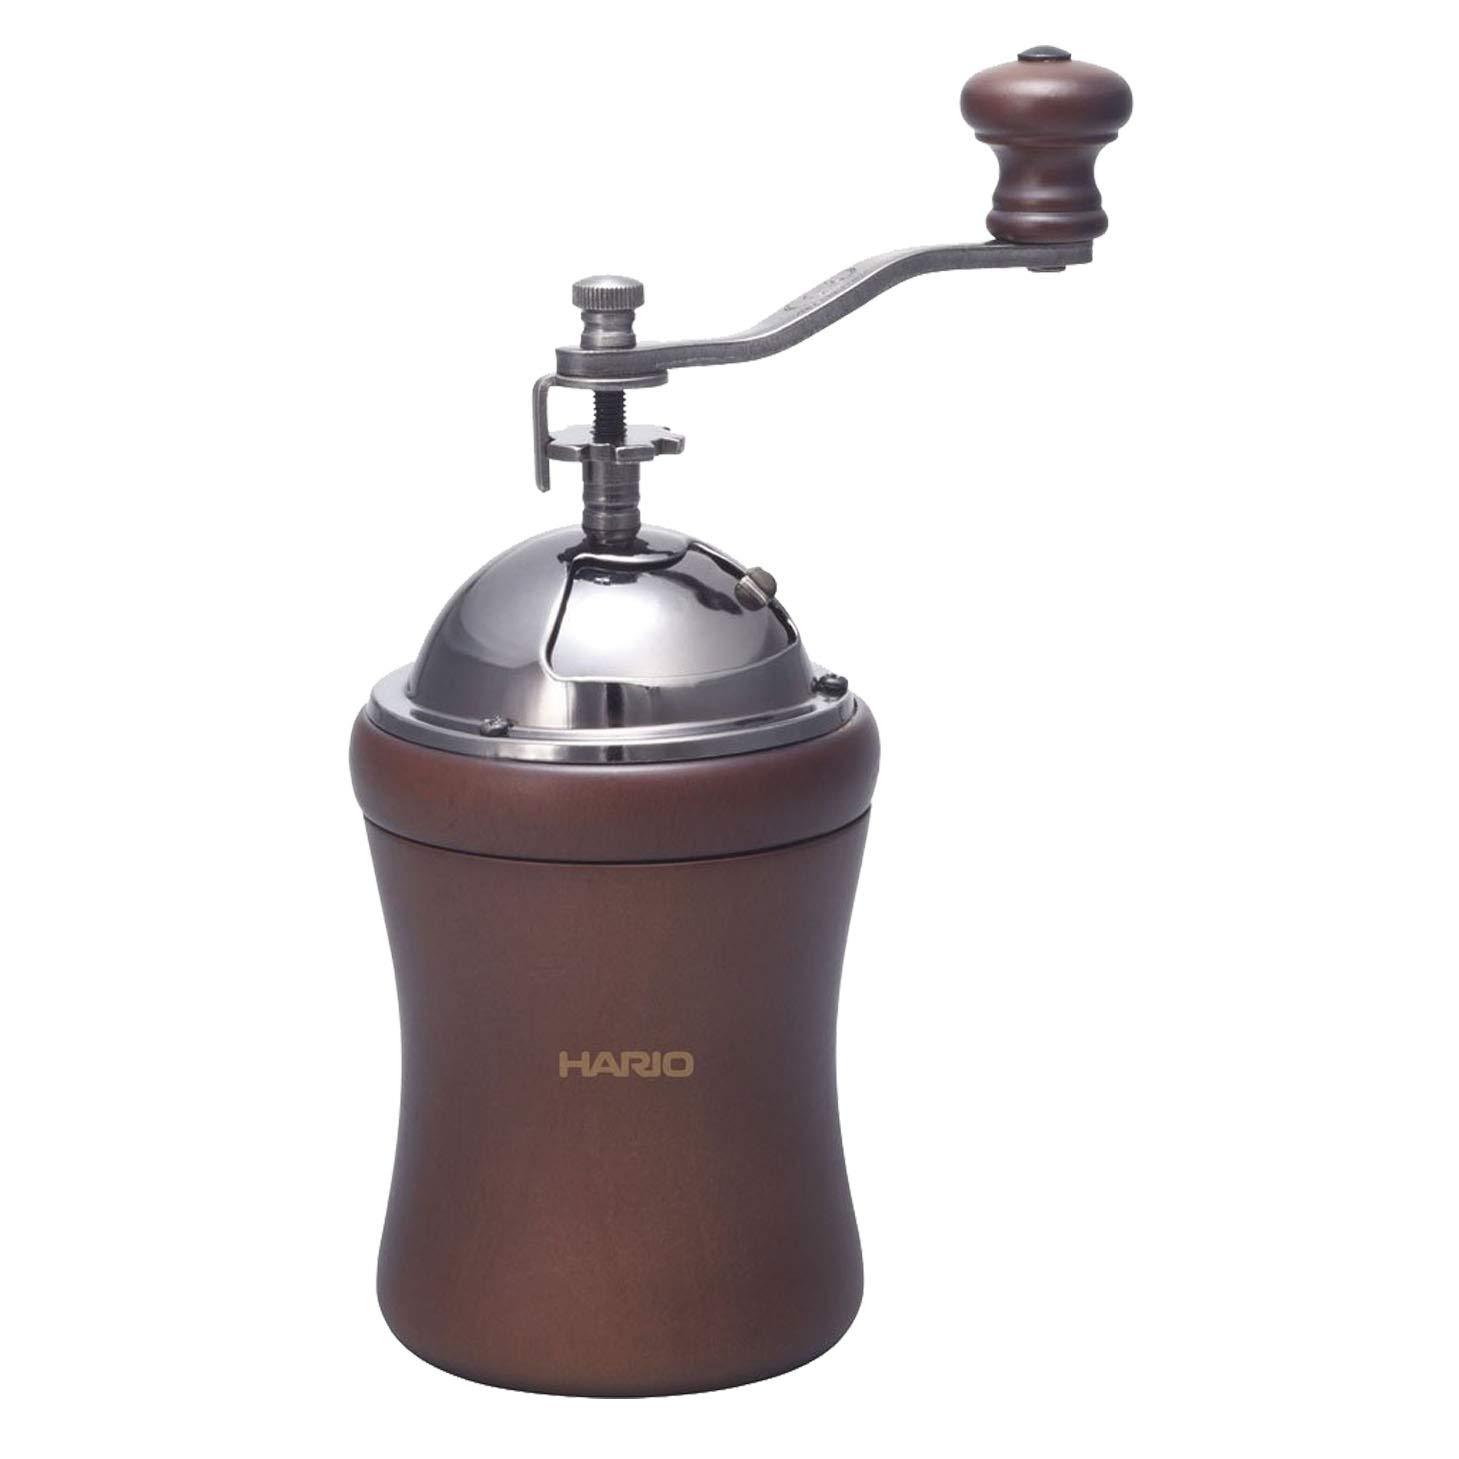 Hario Dome Coffee Grinder by Hario